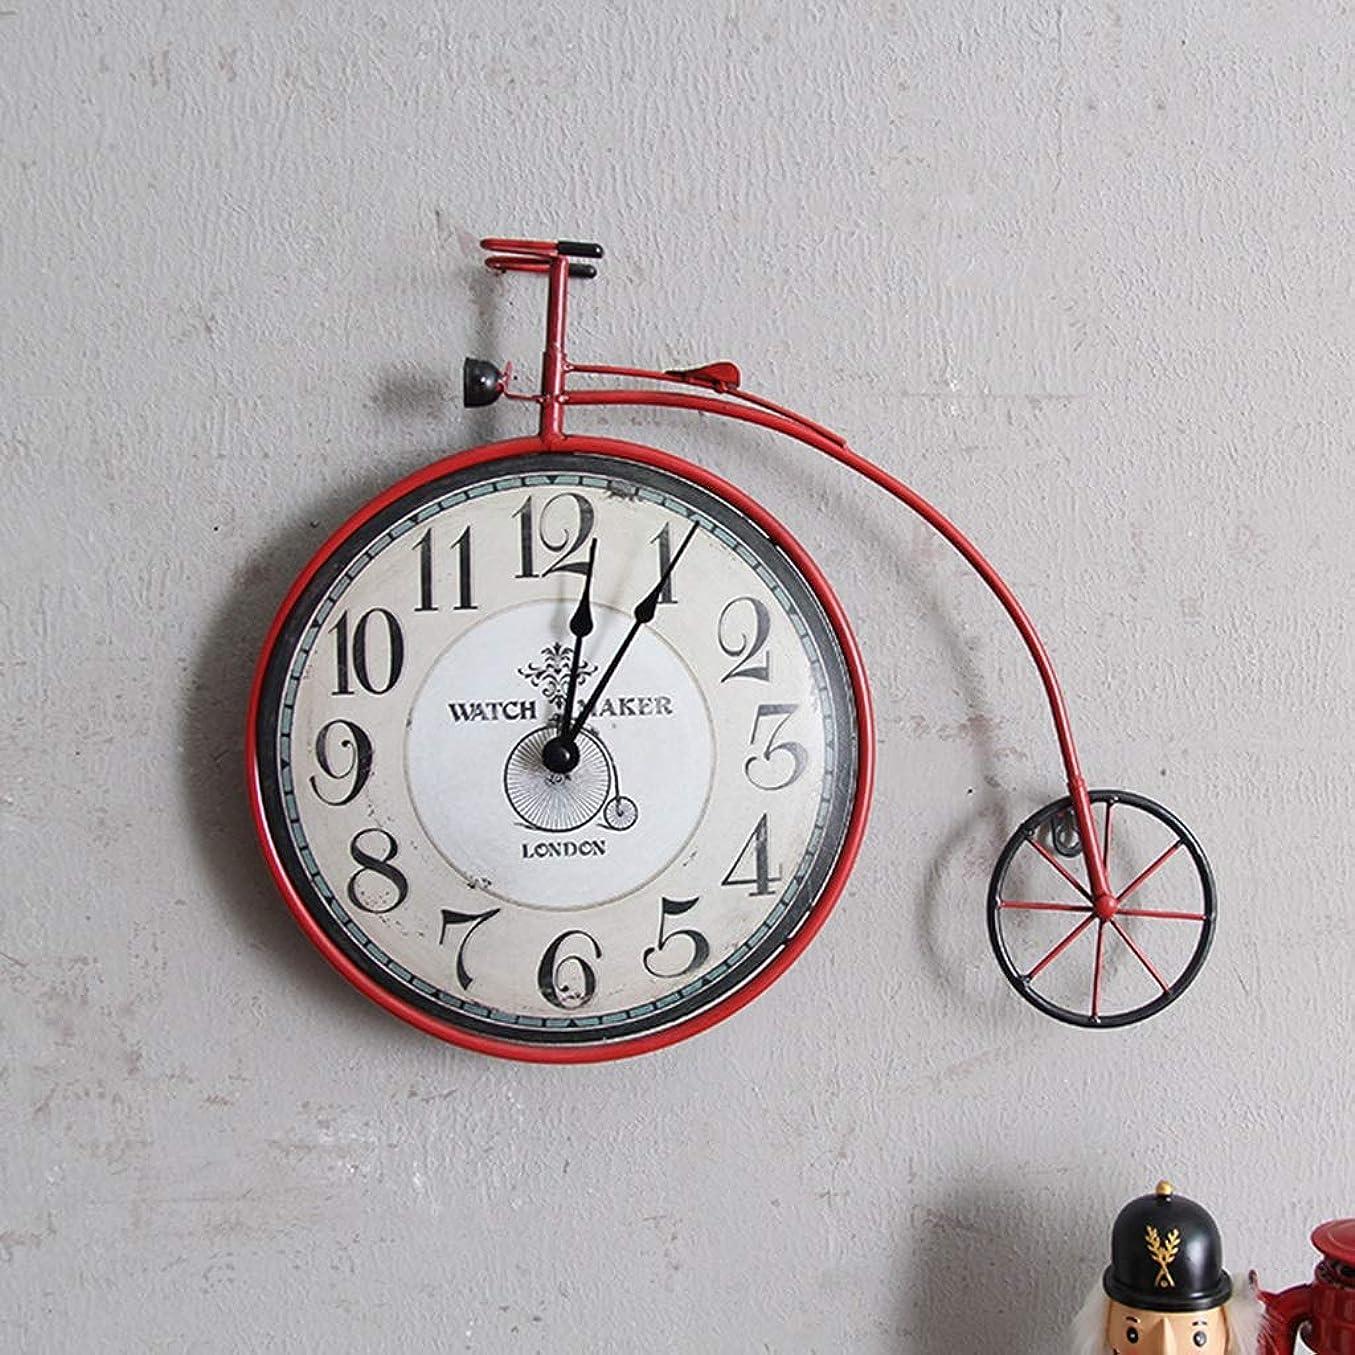 打撃腹痛においIUYWL壁時計 リビングルームの寝室自転車壁掛け時計パーソナライズ装飾時計壁の装飾壁の装飾トランペット IUYWL壁時計